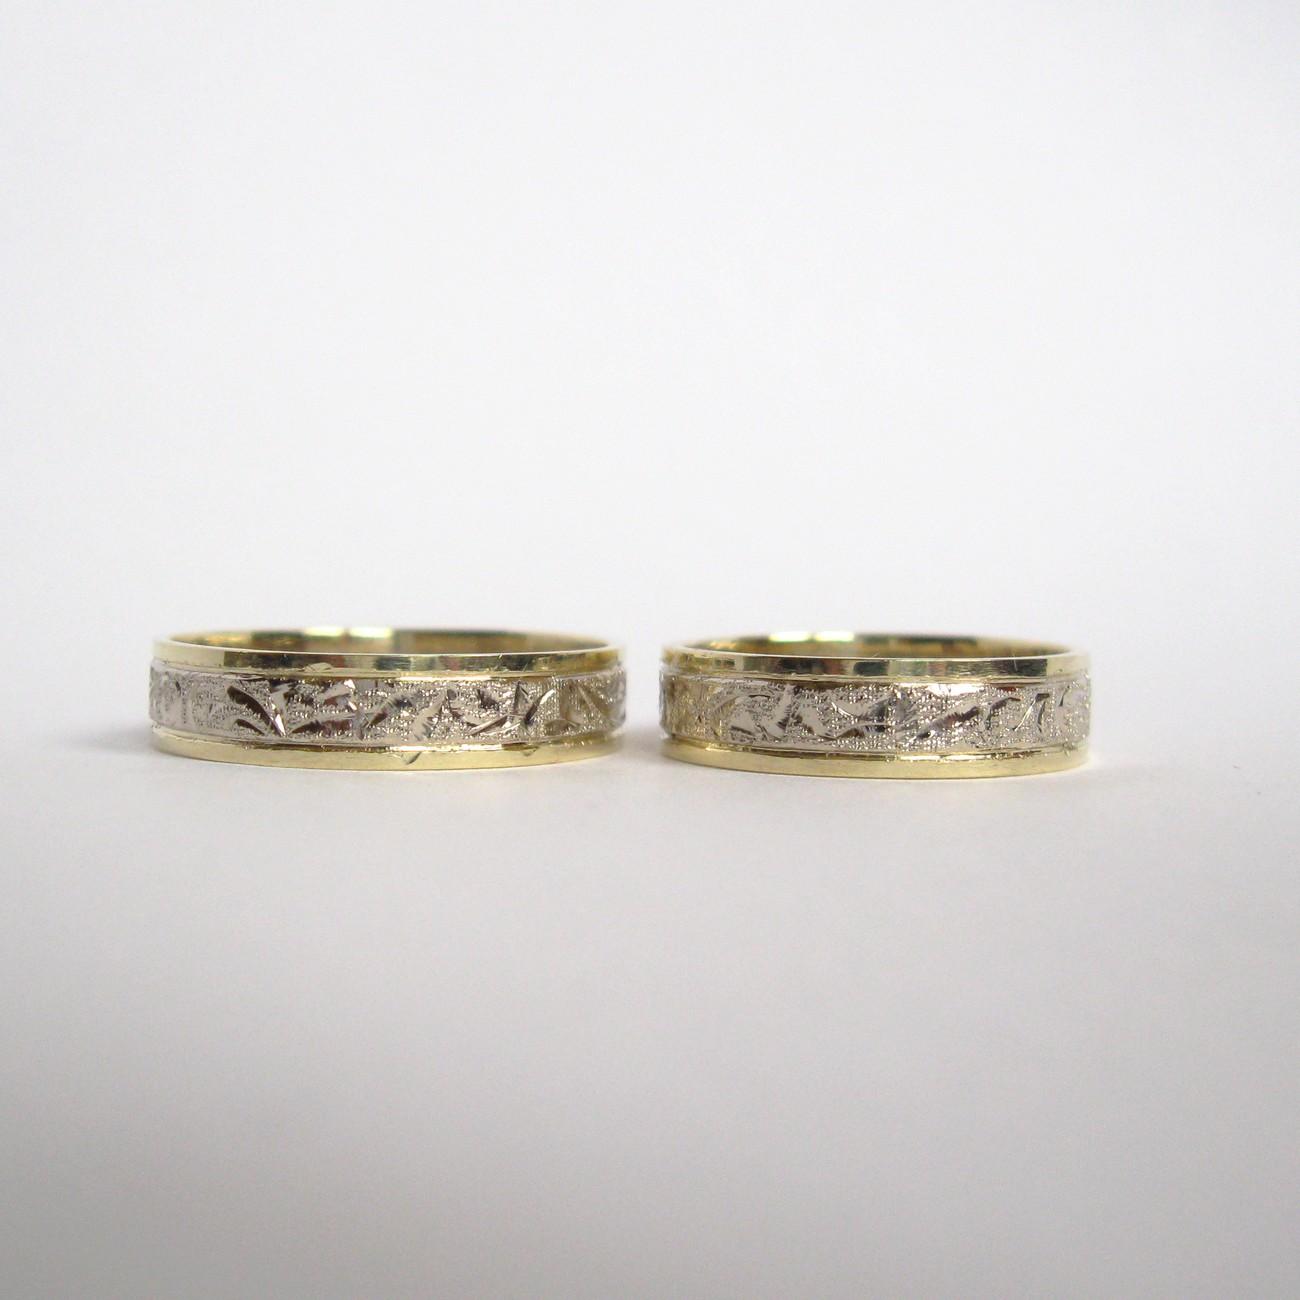 Do Manzelstvi Snubni Prsteny Au 585 1000 Zbozi Prodejce